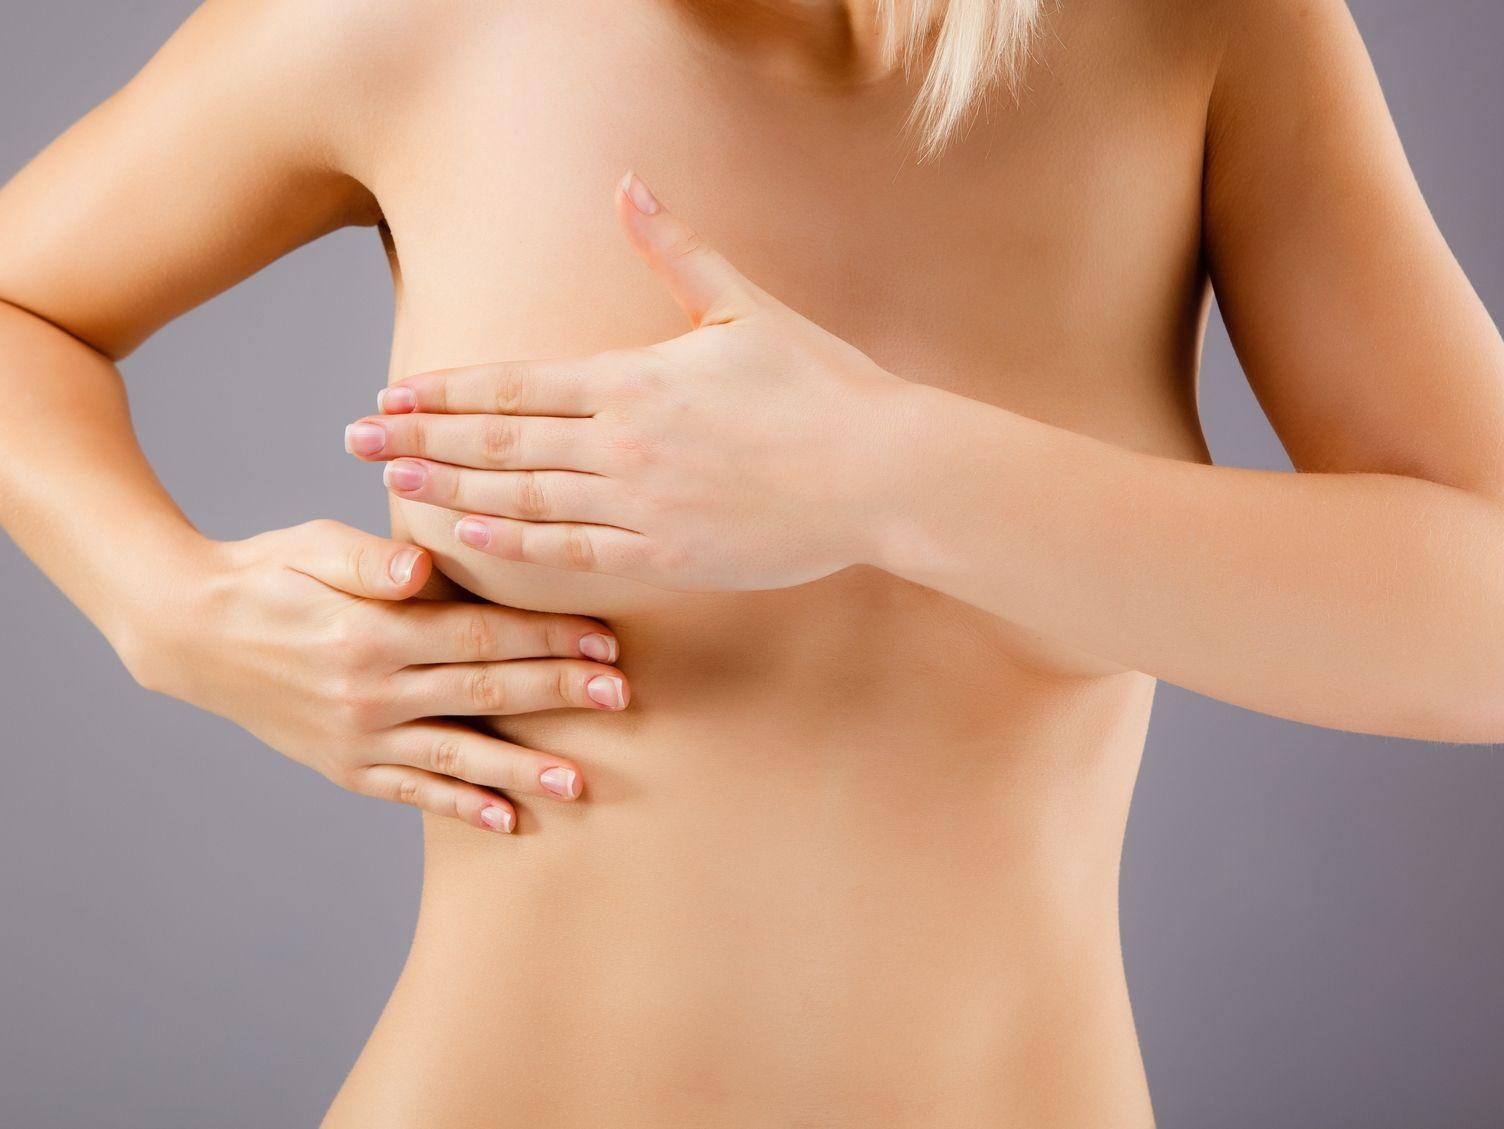 девушка проводит самостоятельный осмотр груди